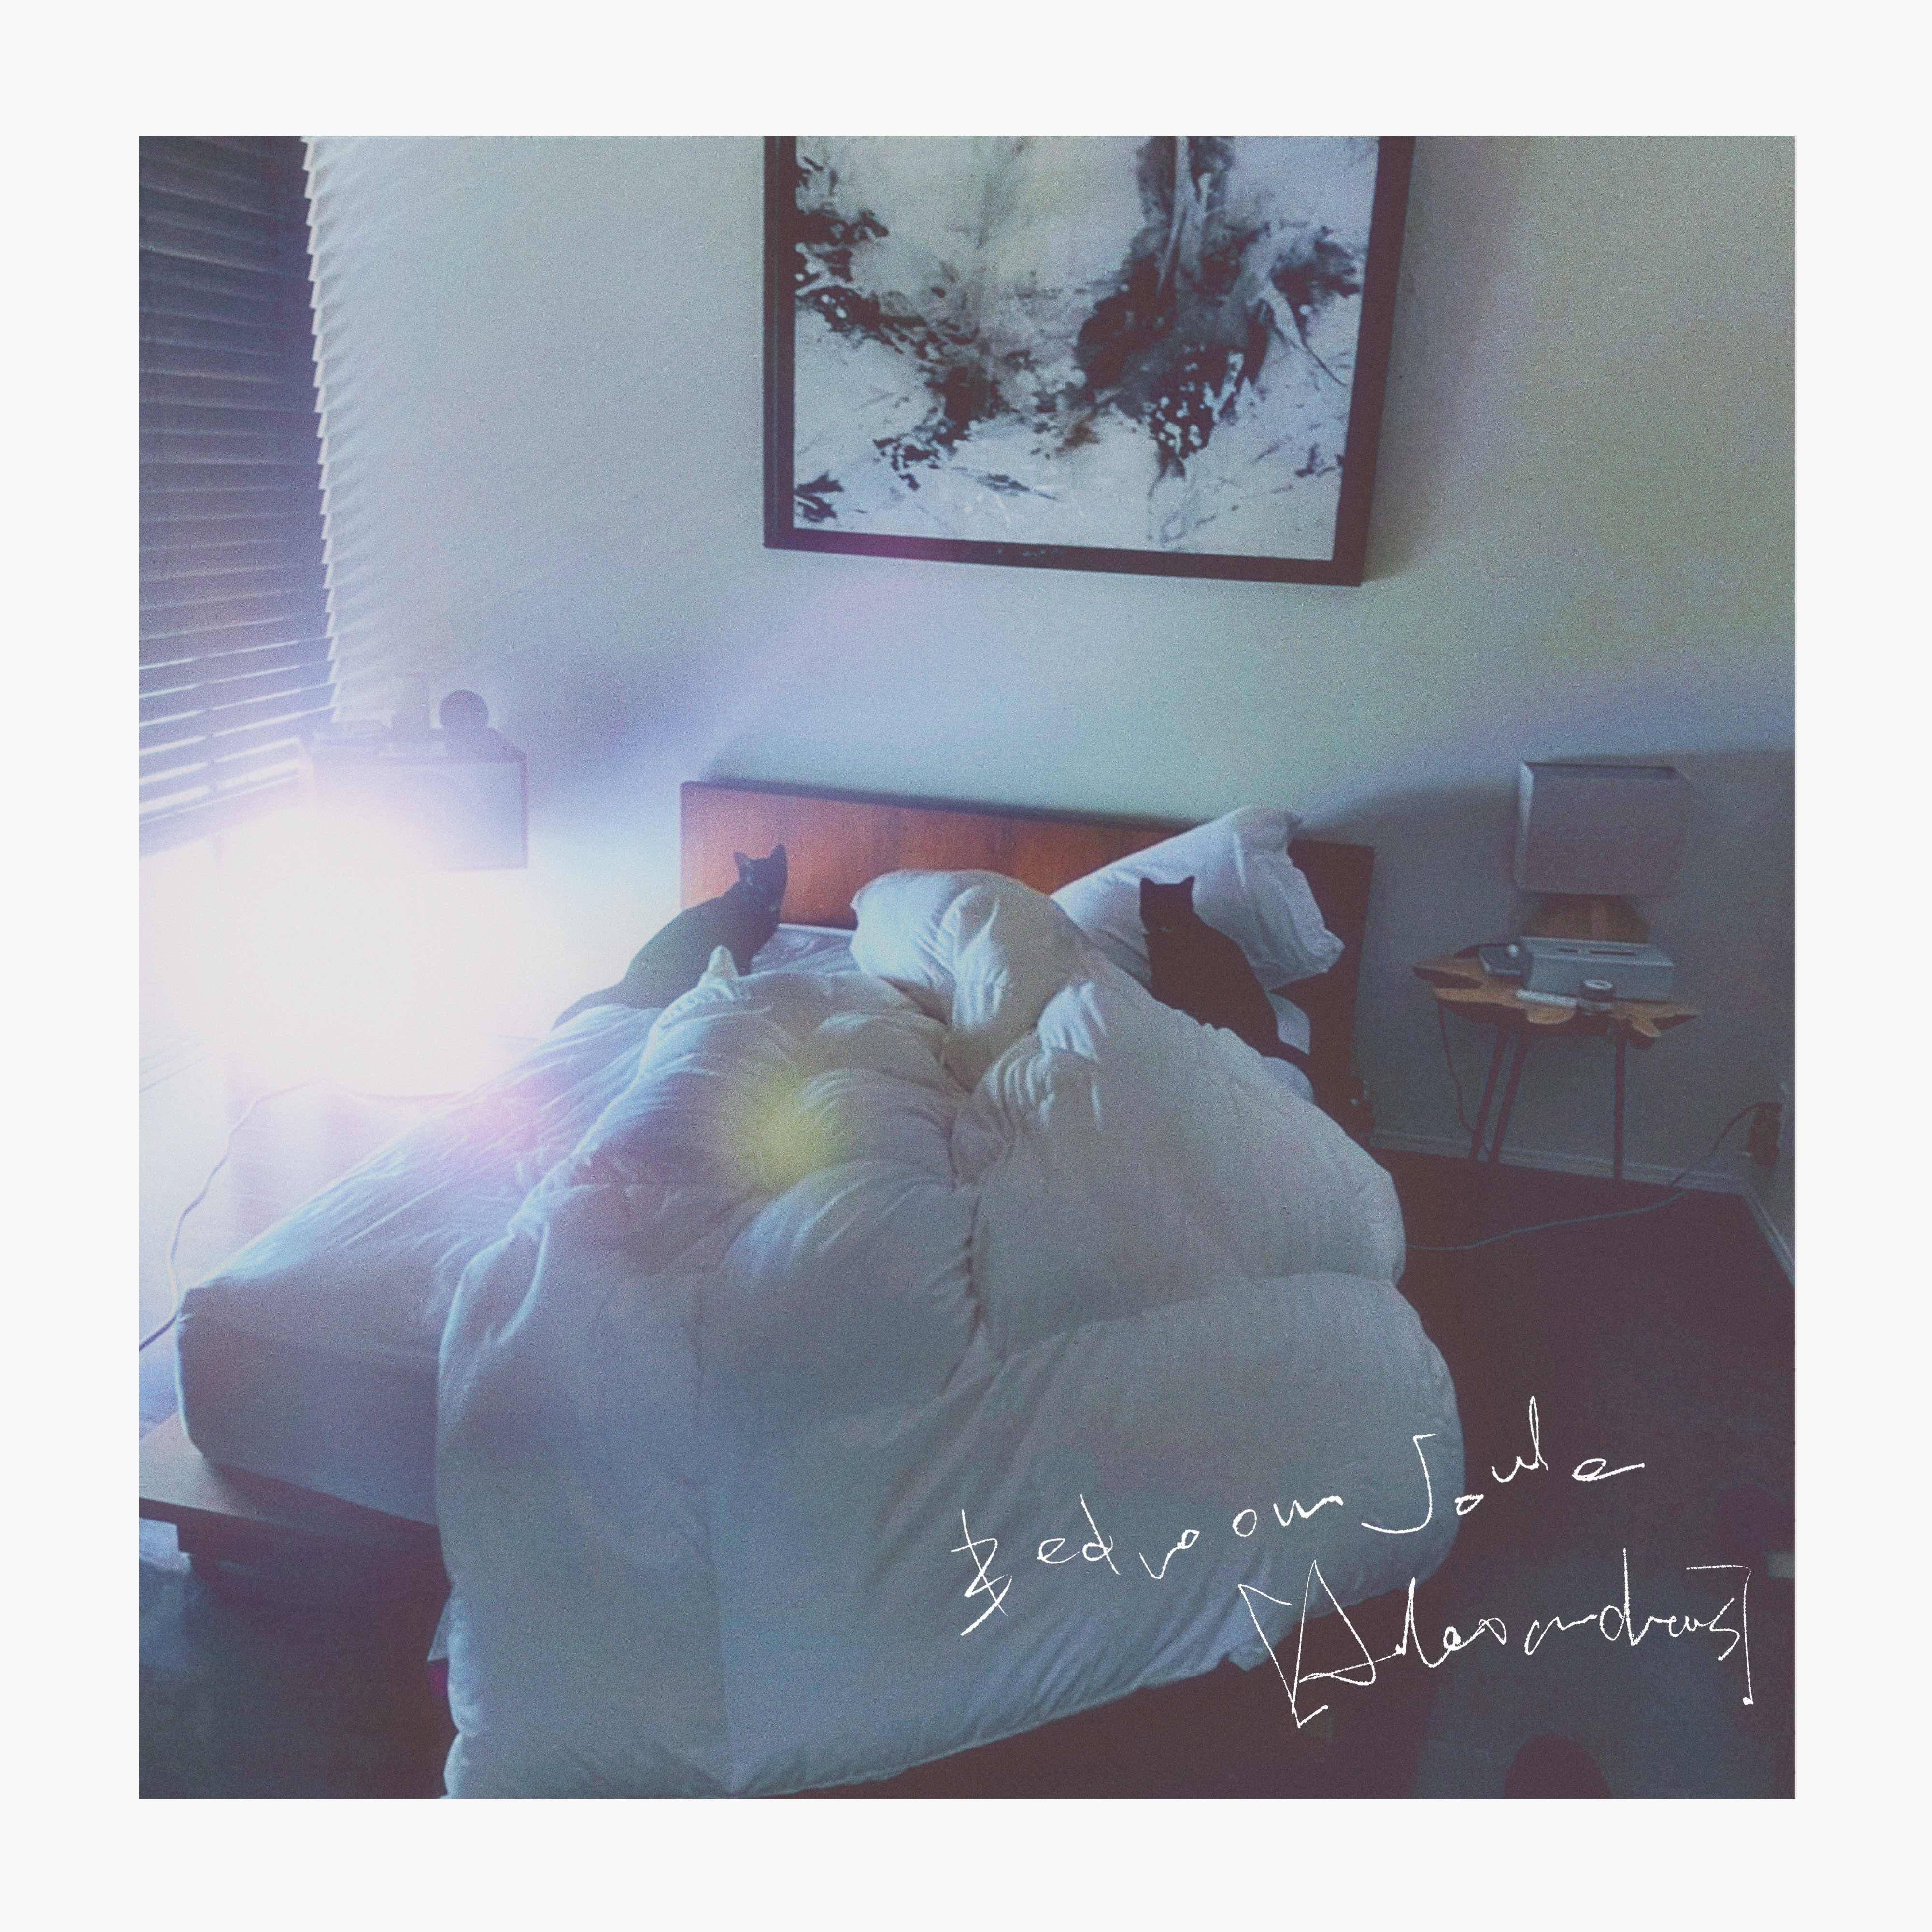 [Alexandros]『Bedroom Joule』